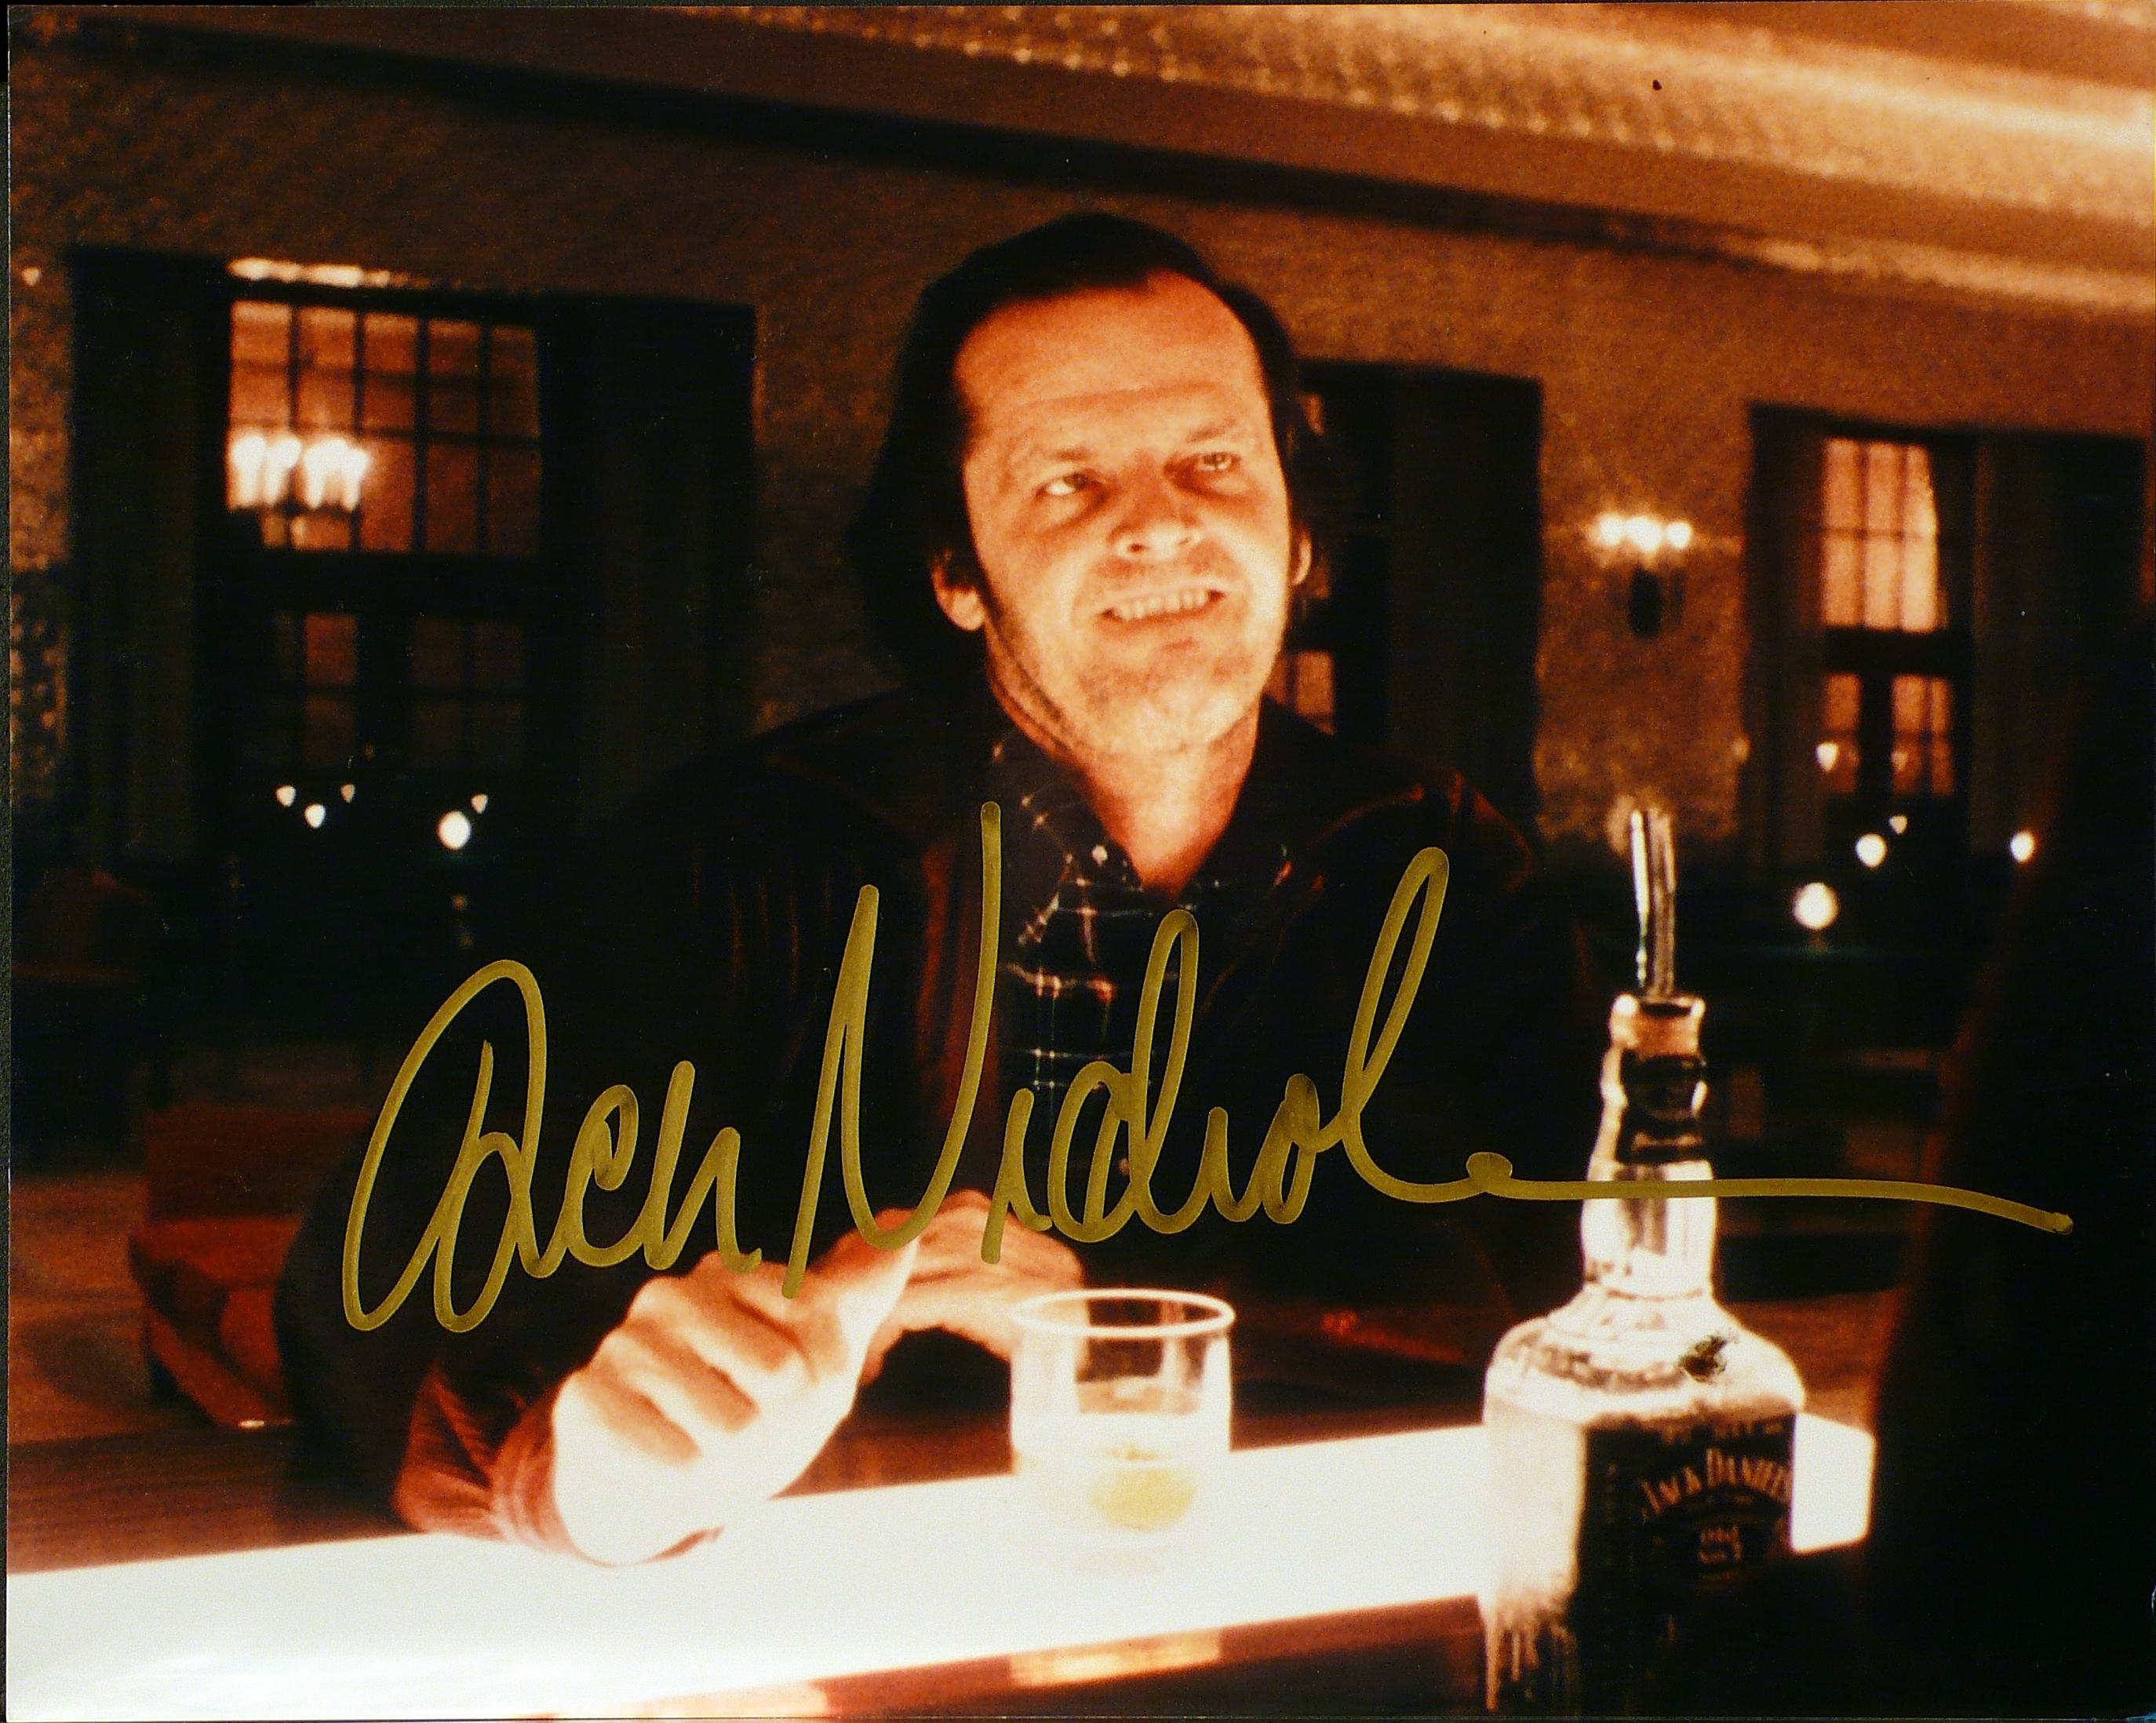 The Shining – Lobby card con autografo di Jack Nicholson